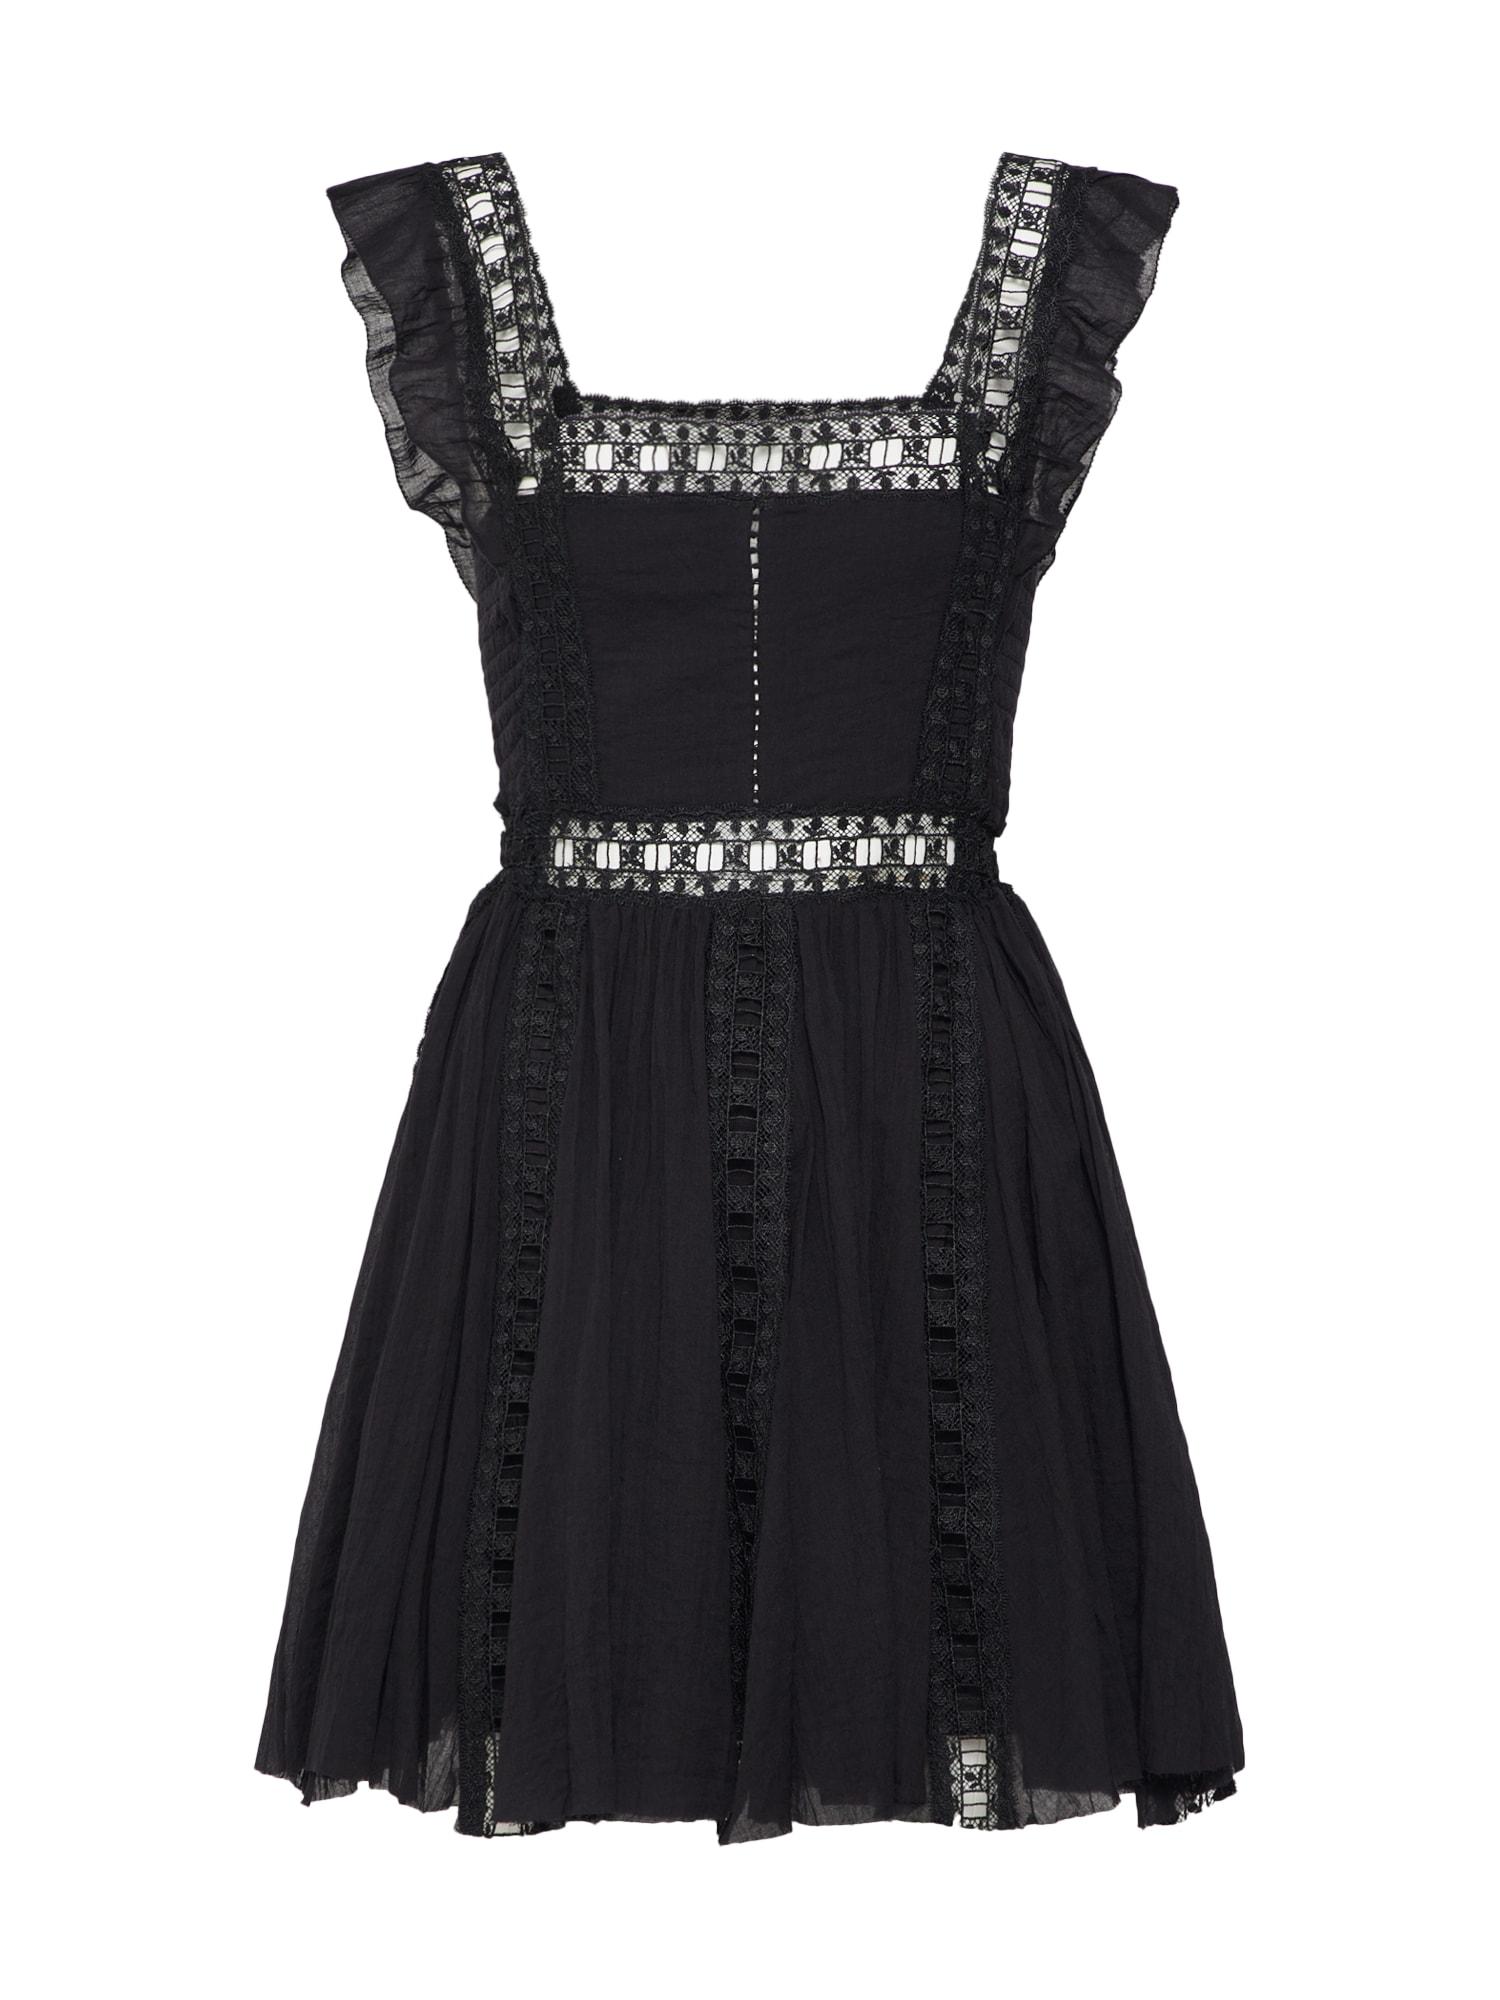 Letní šaty Verona Dress černá Free People